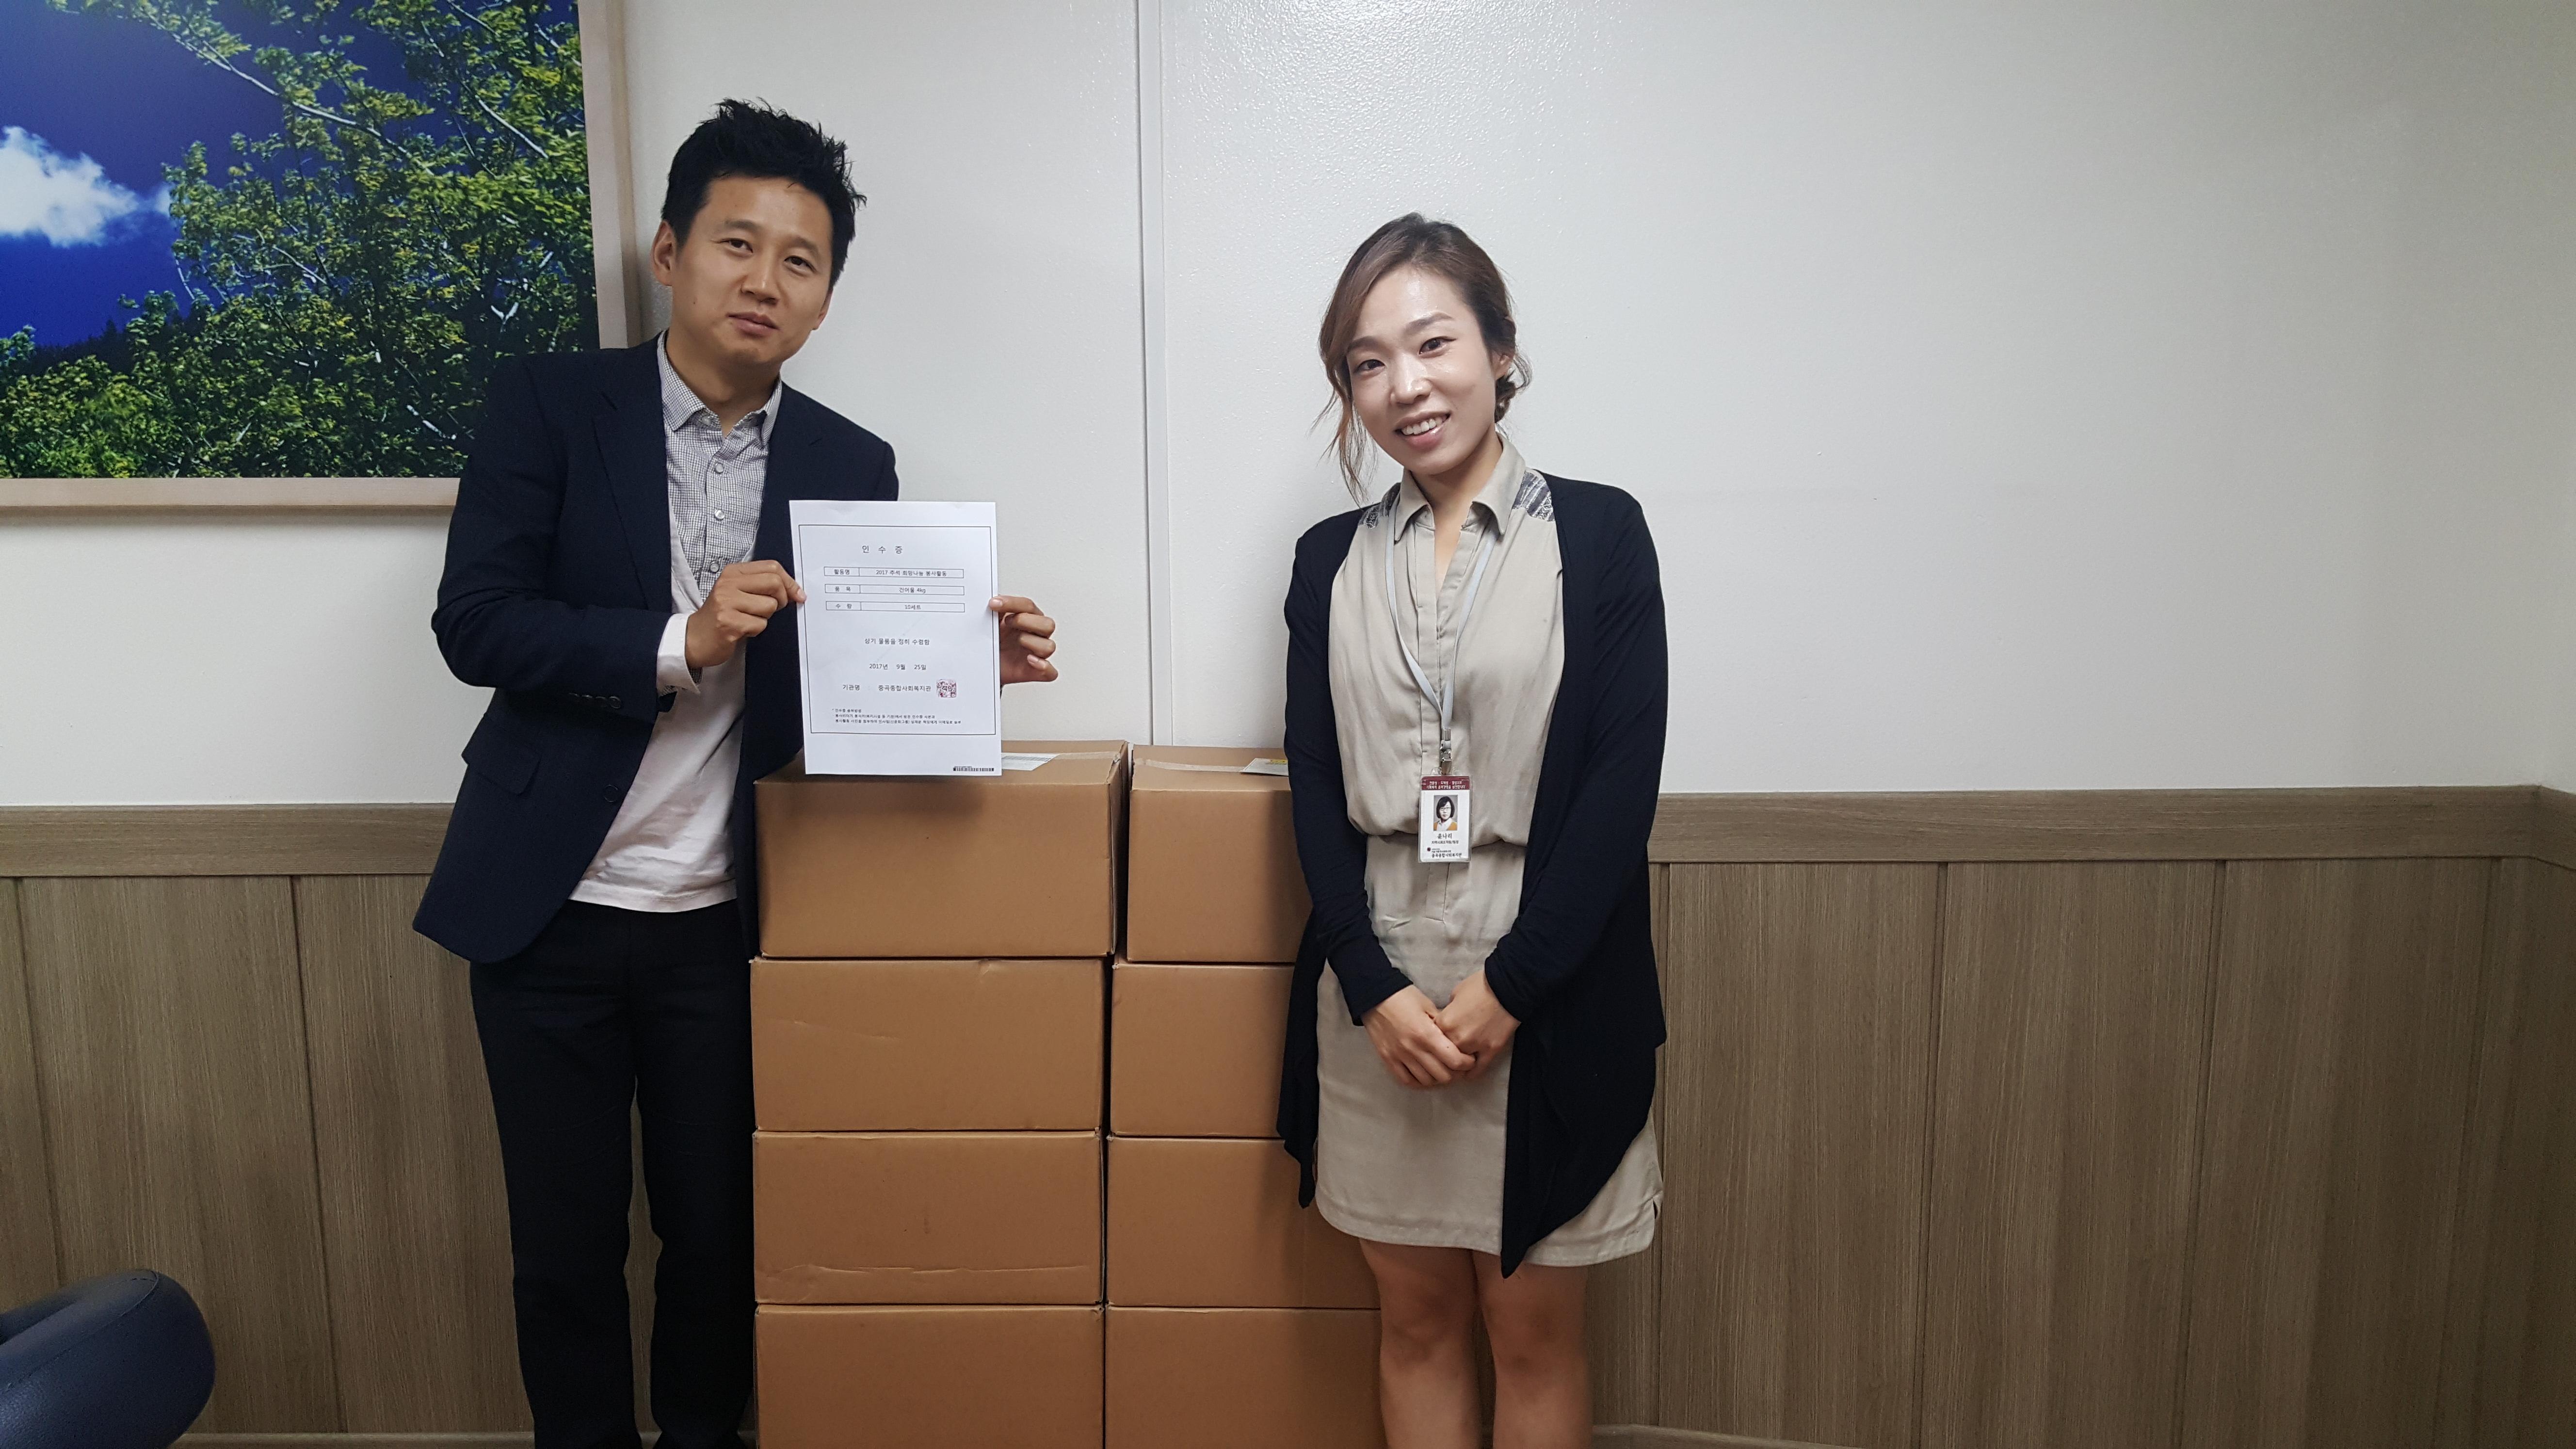 [9월 나눔] 삼성물산 추석맞이 희망나눔 선물 전달